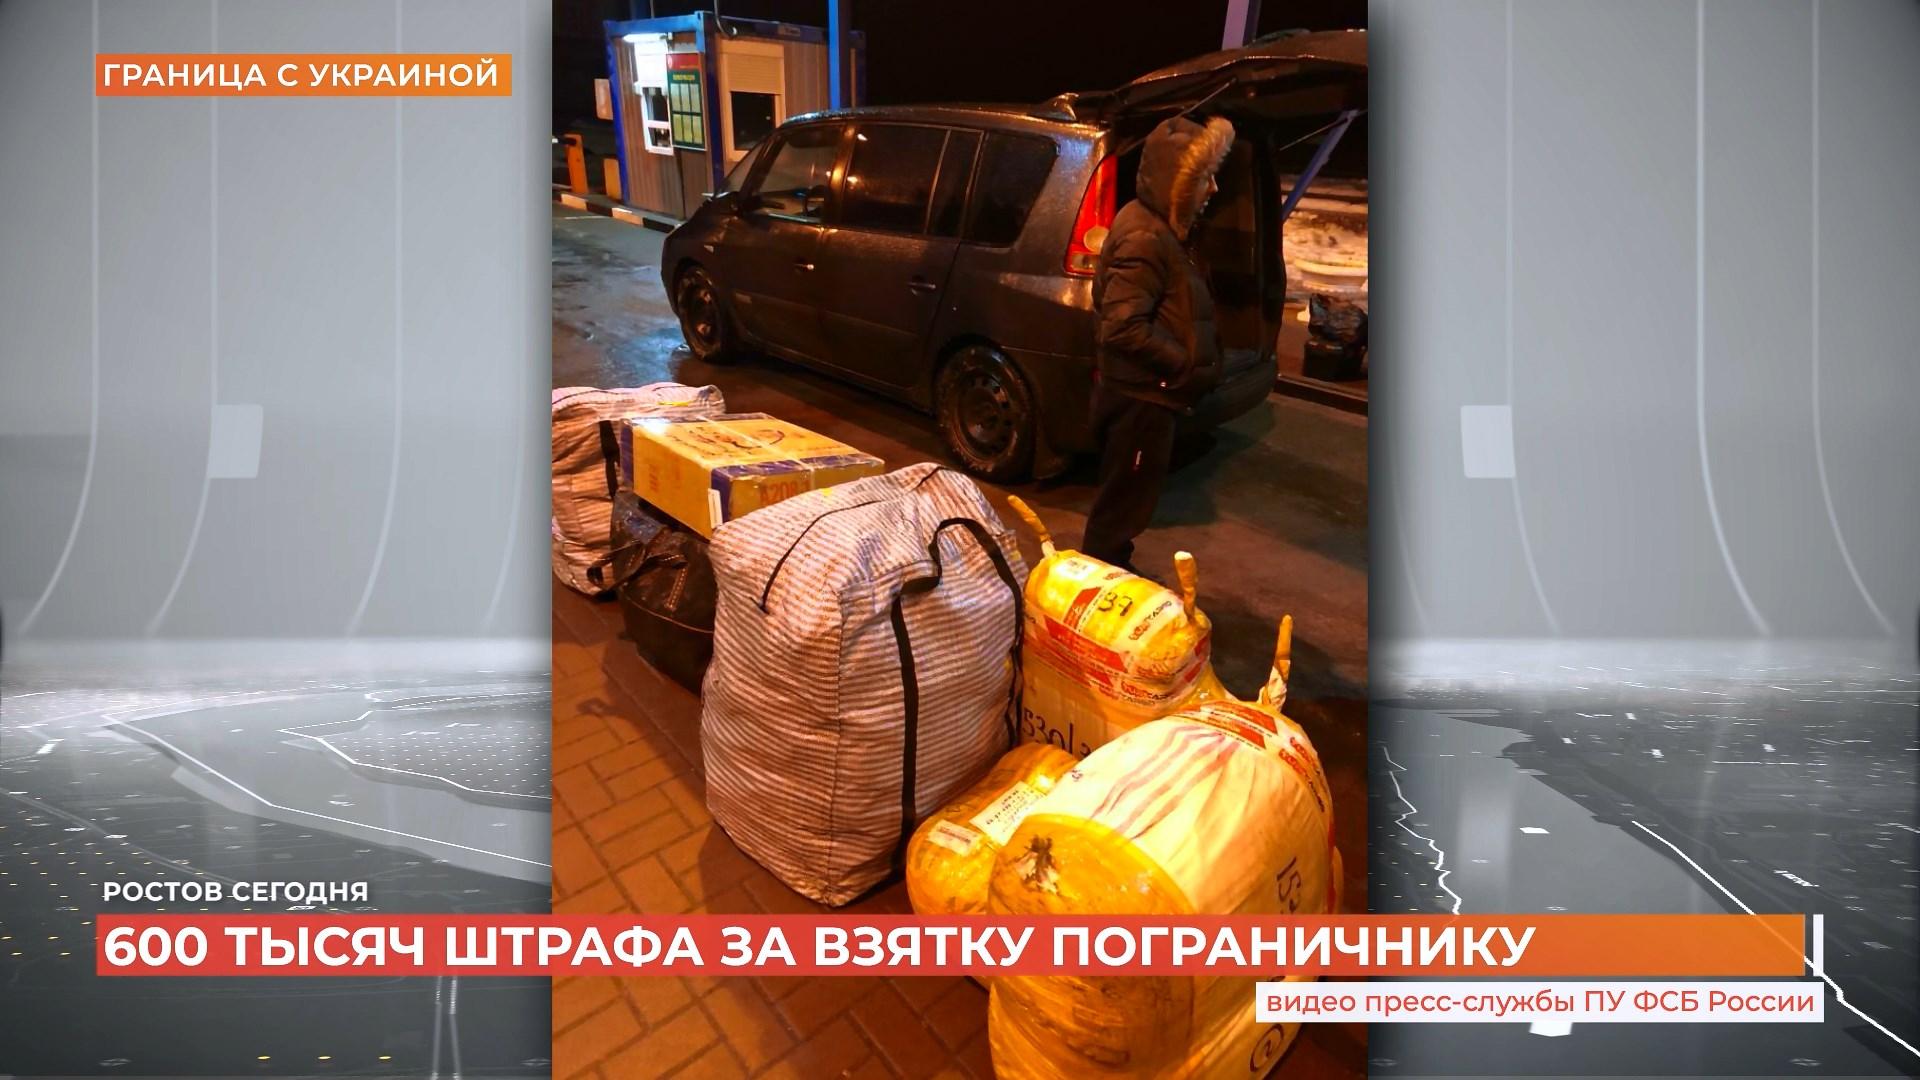 Ростов сегодня: дневной выпуск. 13 октября 2021